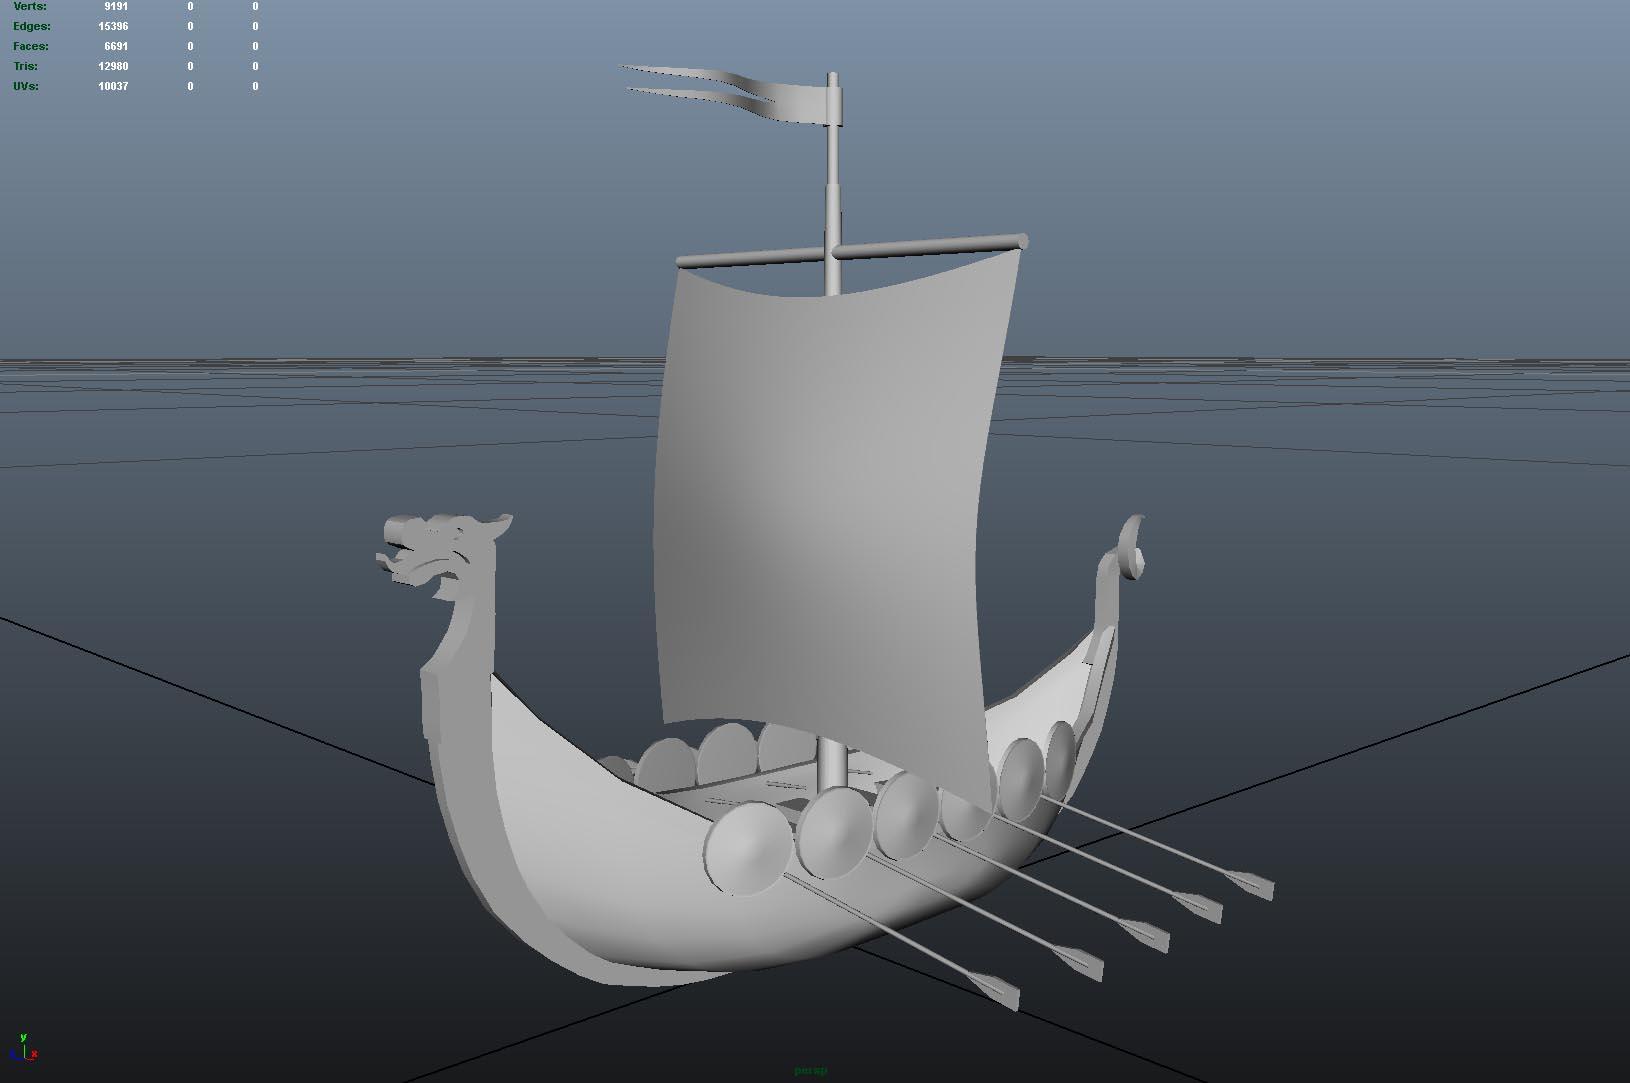 VikingShip_Shaded.jpg